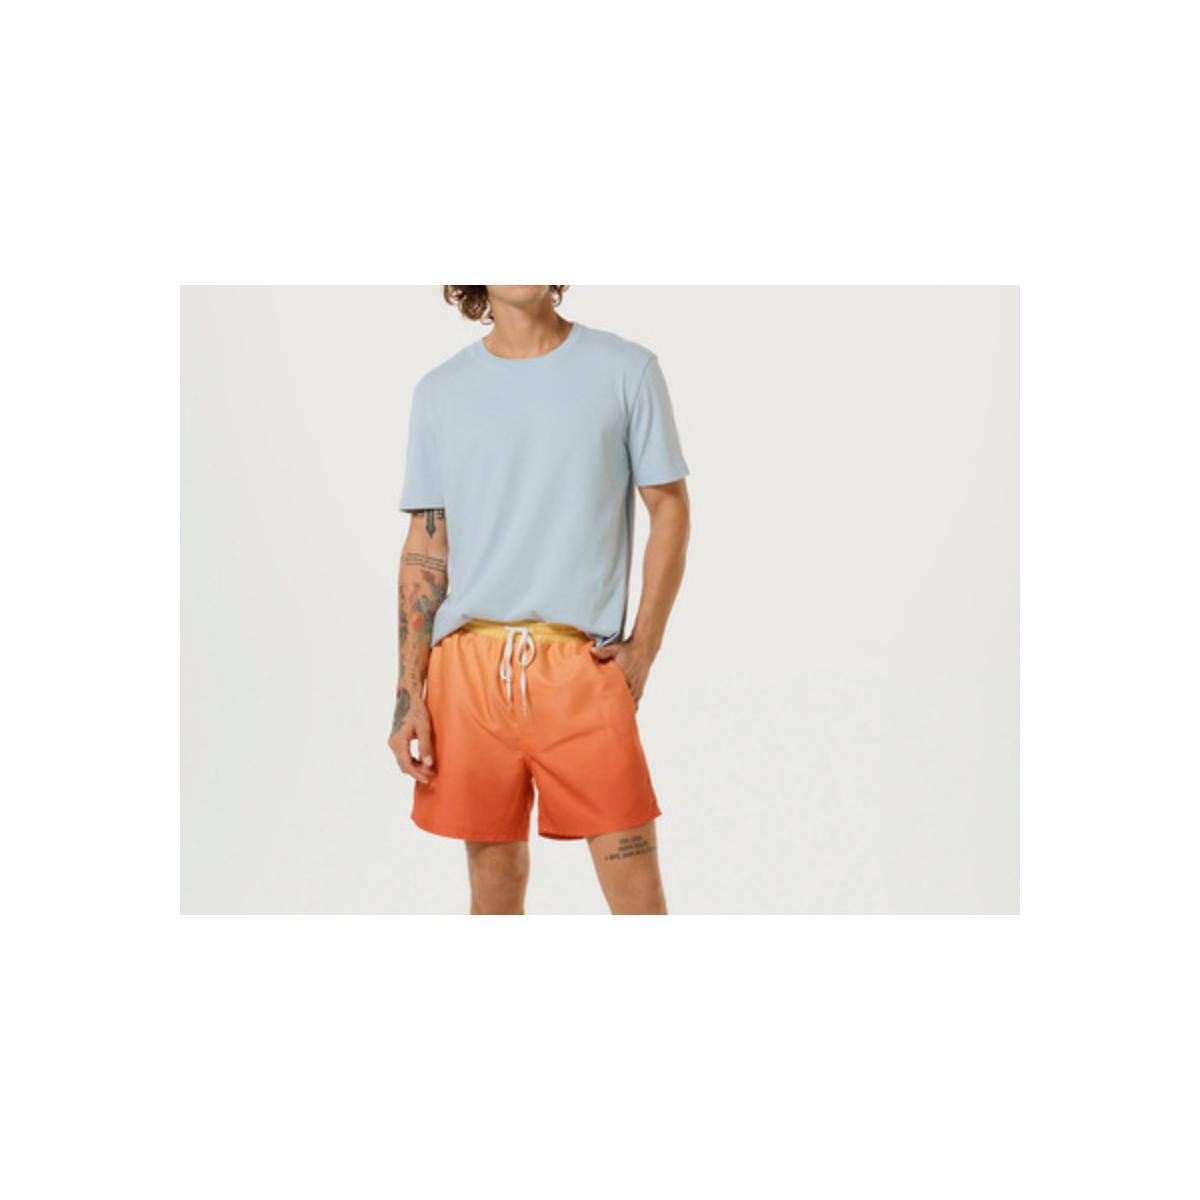 Camiseta Masculina Hering 0201 Av7en  Azul Claro